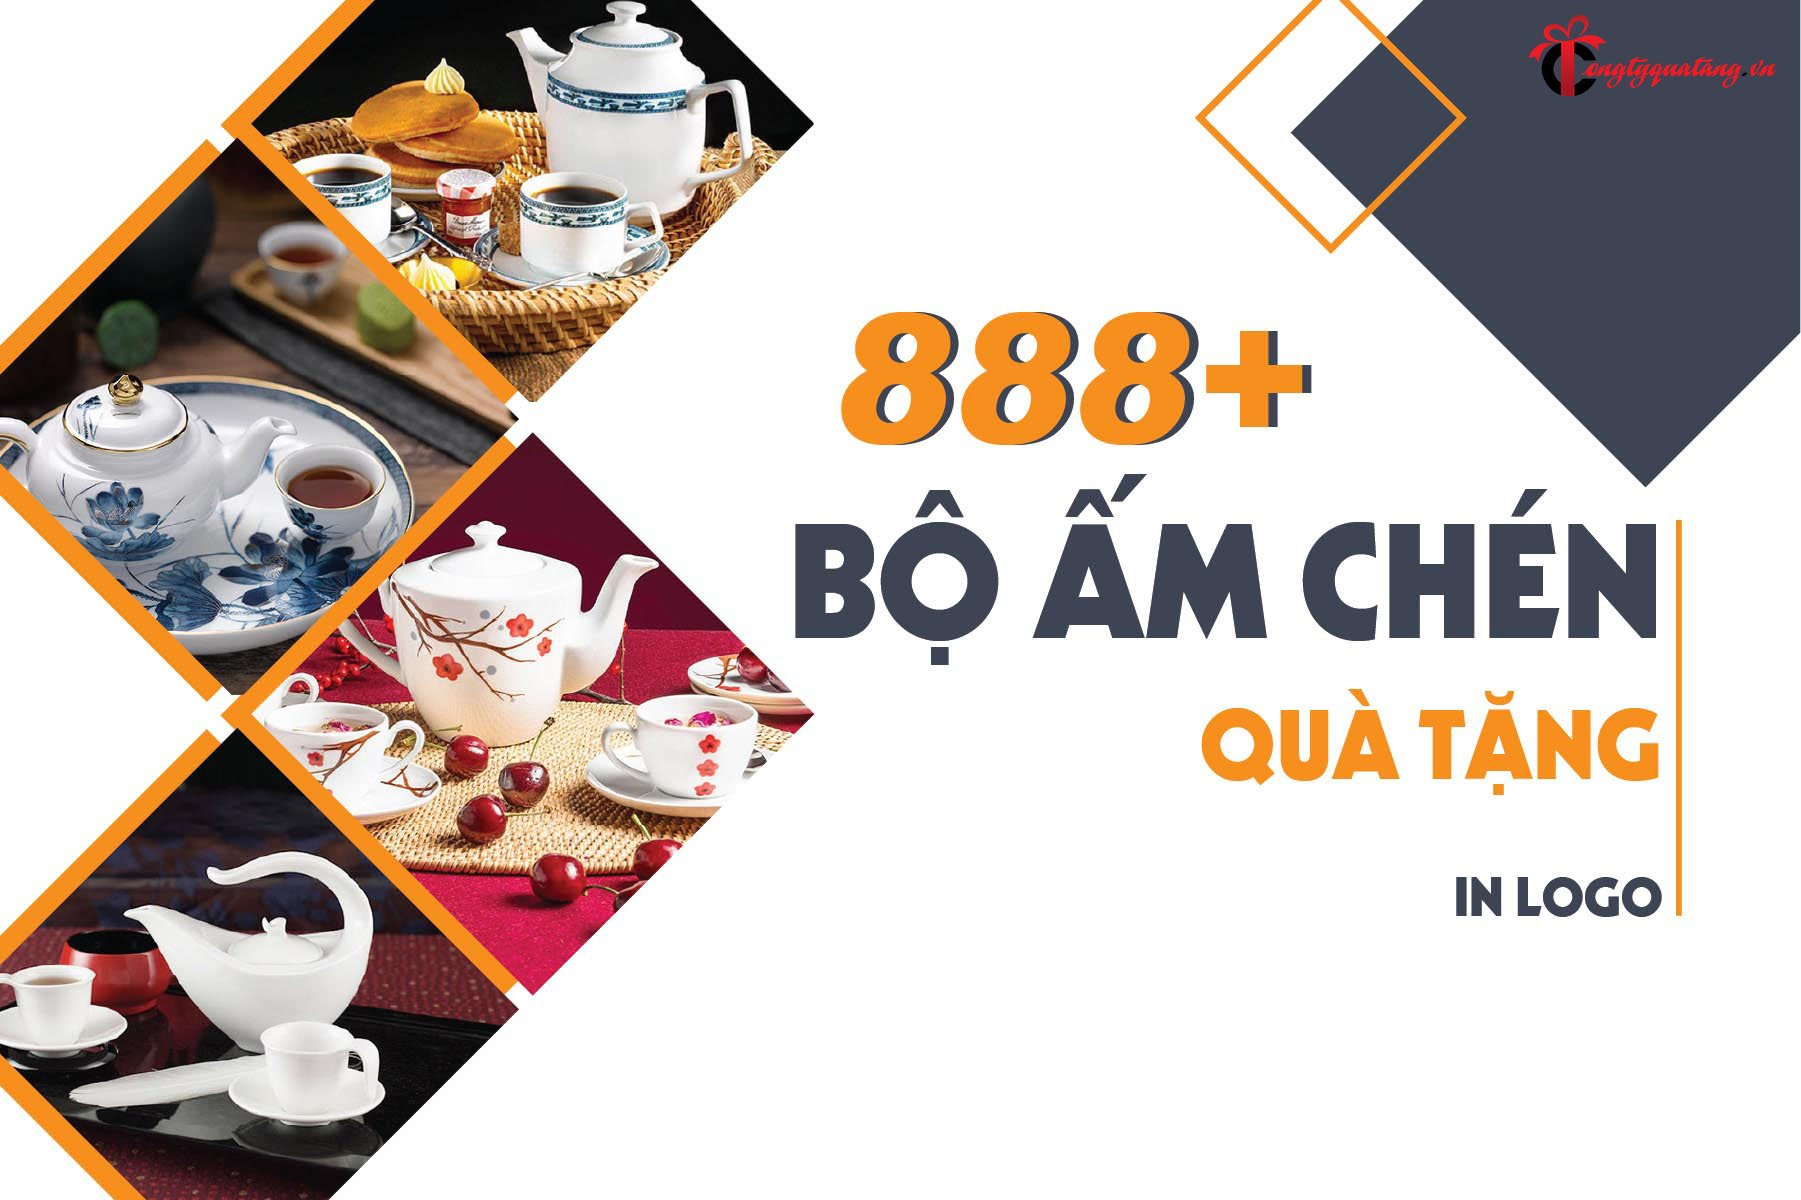 888+ mẫu ấm chén quà tặng in logo